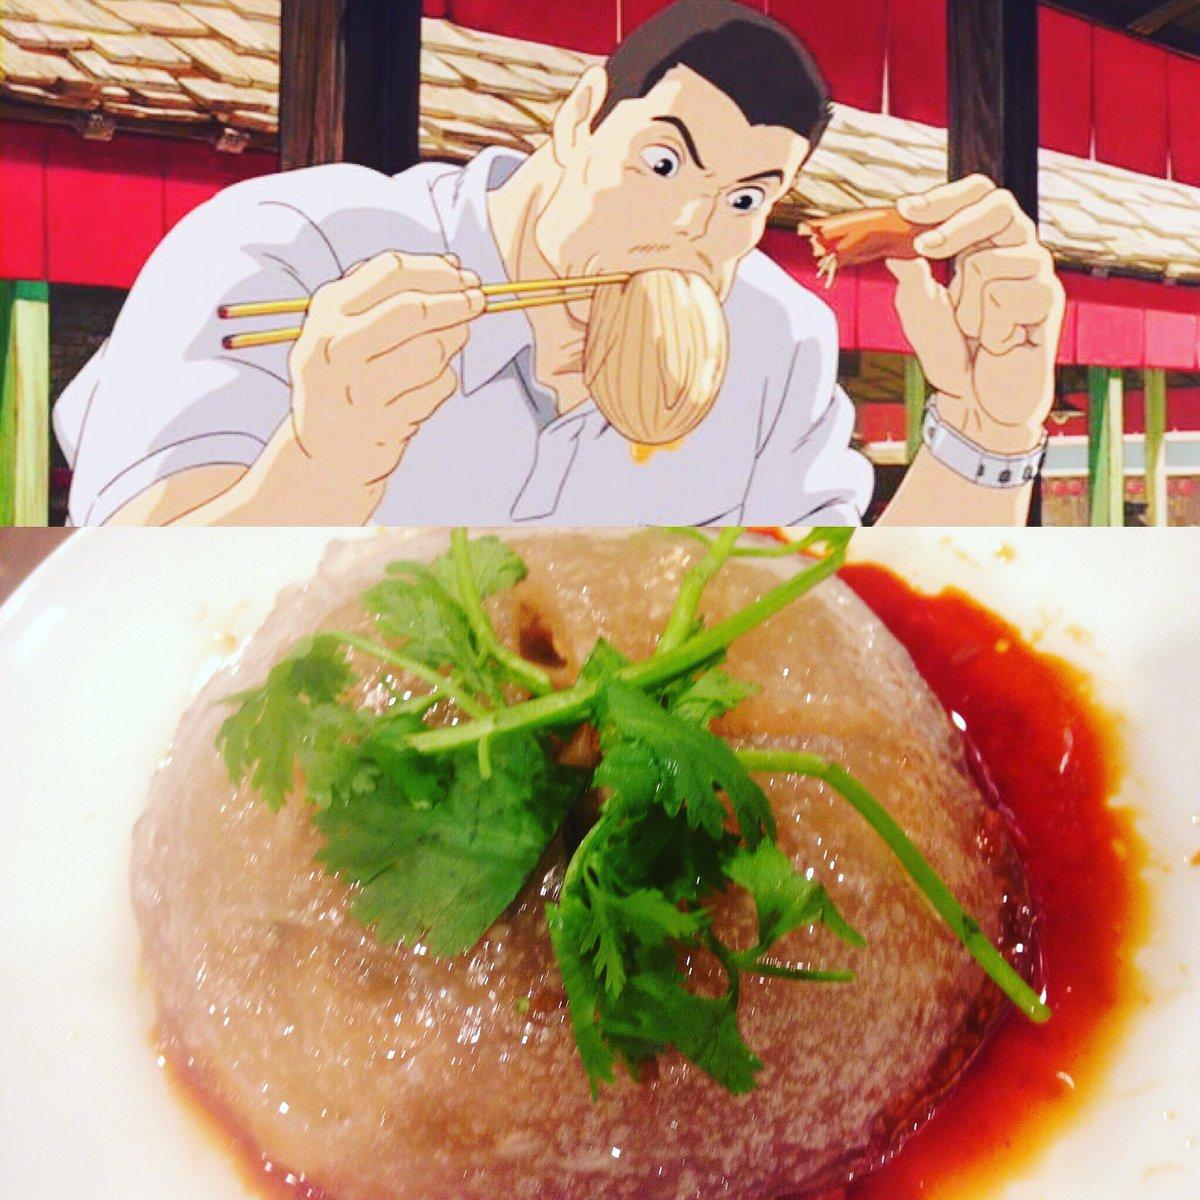 昨日、渋谷の麗郷で食べたバーワン(肉圓)という謎食べ物。千と千尋の中で、豚になっちゃうお父さんが食べてたプルプルのやつはこれじゃないか説があるらしい。わらび餅みたいな皮の中に筍とかお肉が入ってる。タレがめちゃくちゃ美味しかった。